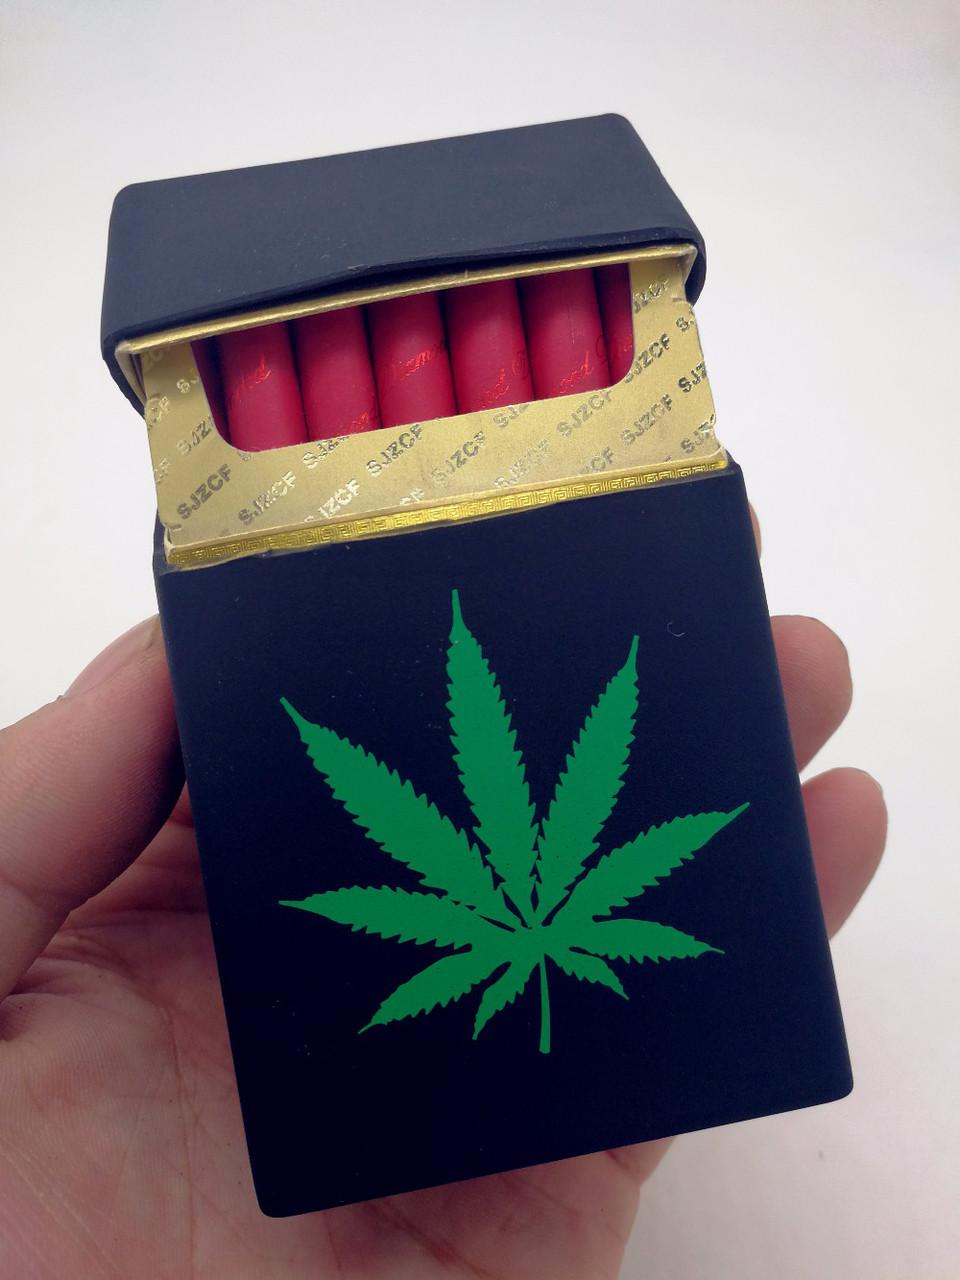 Сигареты с марихуаной где купить сколько стоит шишка марихуаны